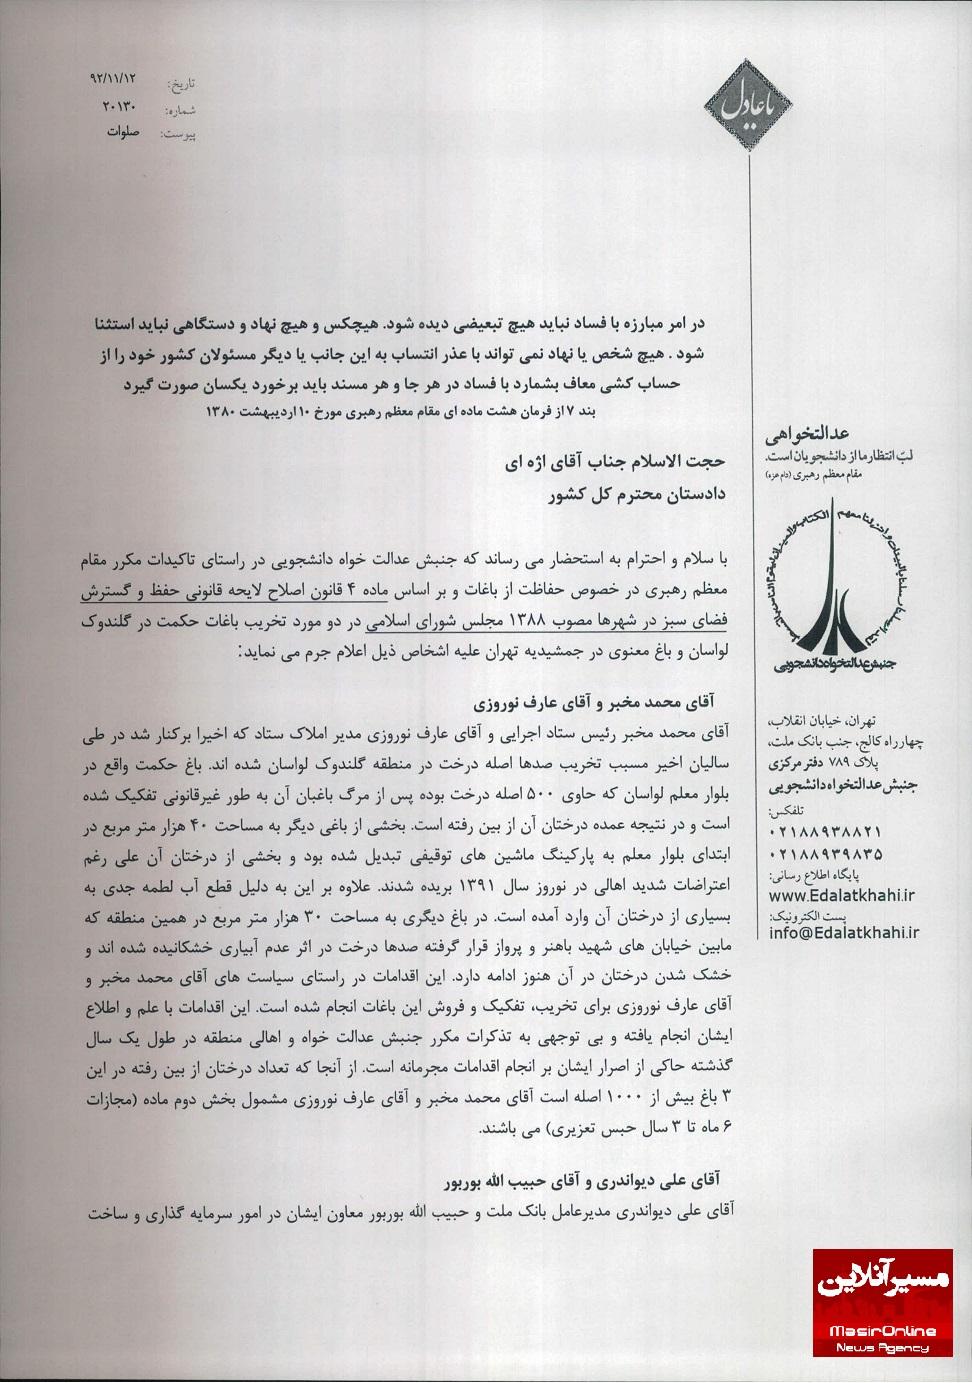 نامه به دادستان کل کشور